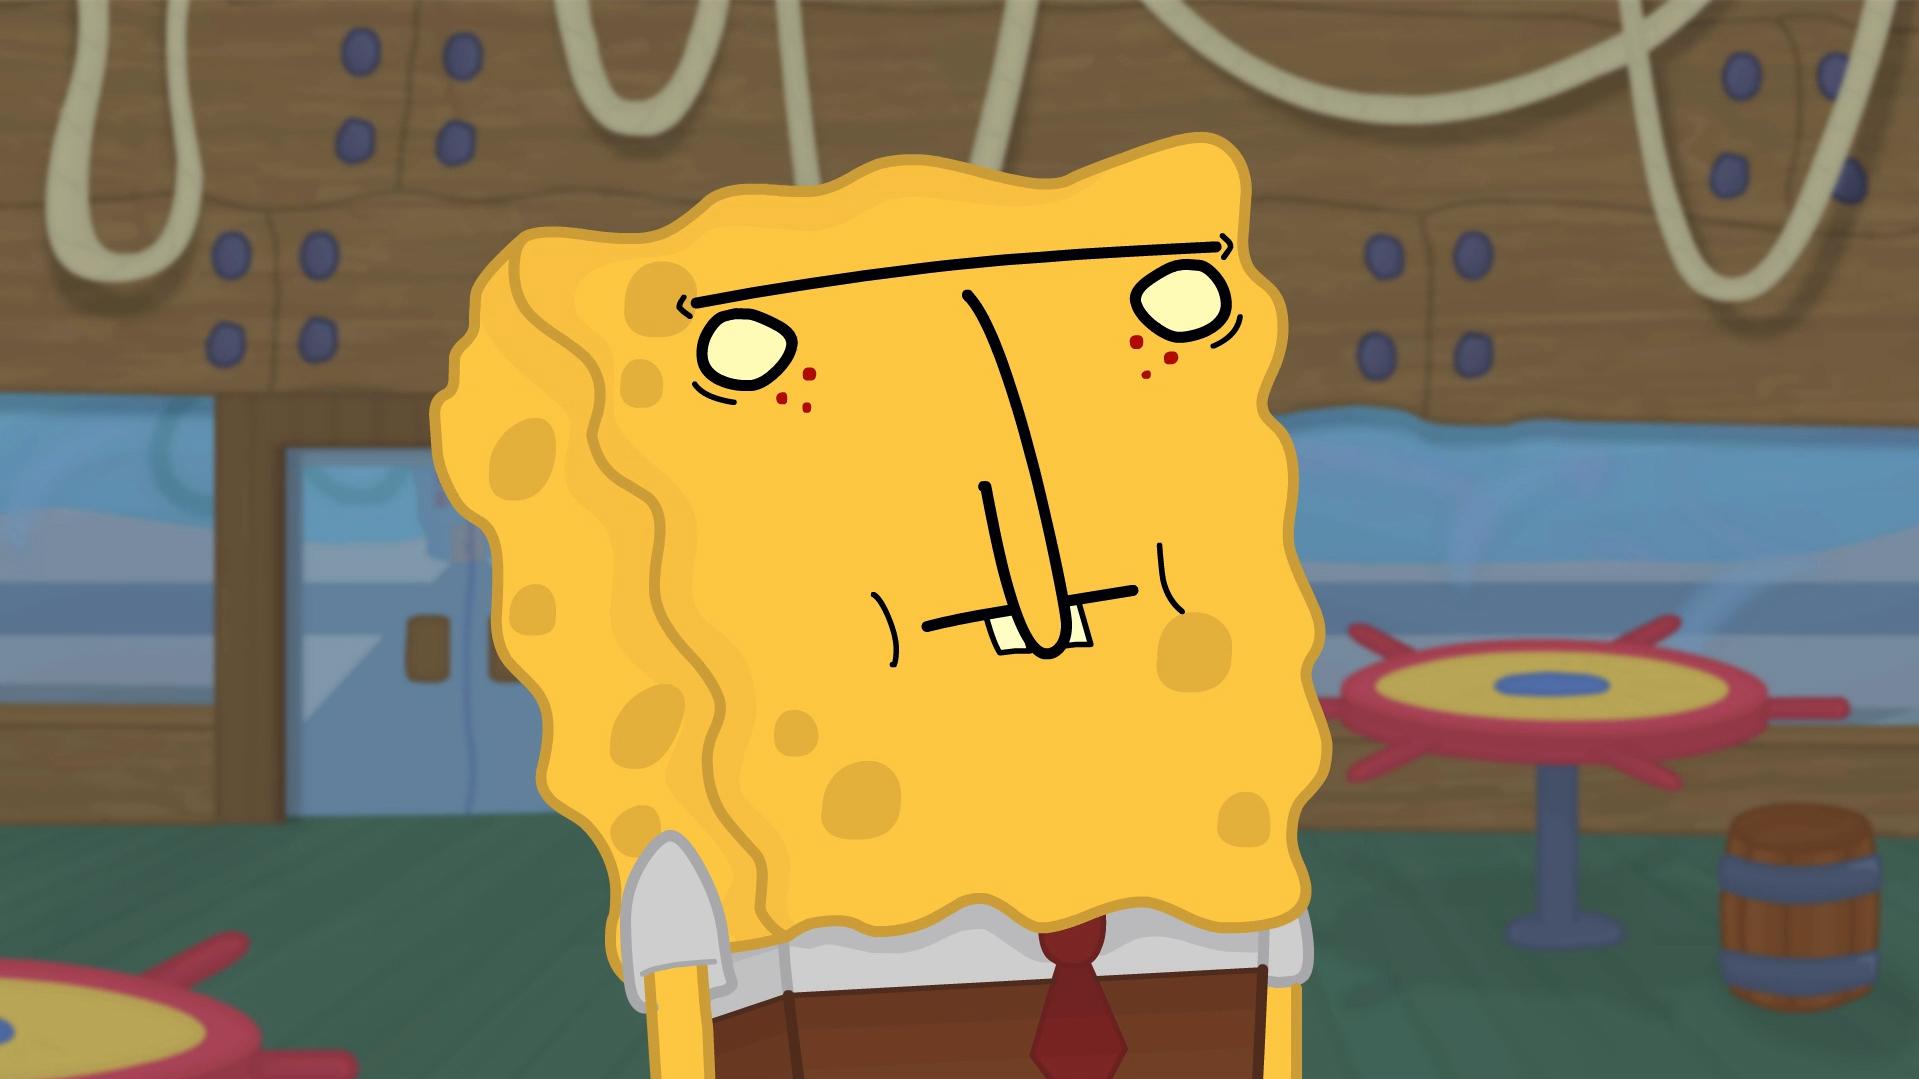 So, I drew SpongeBob